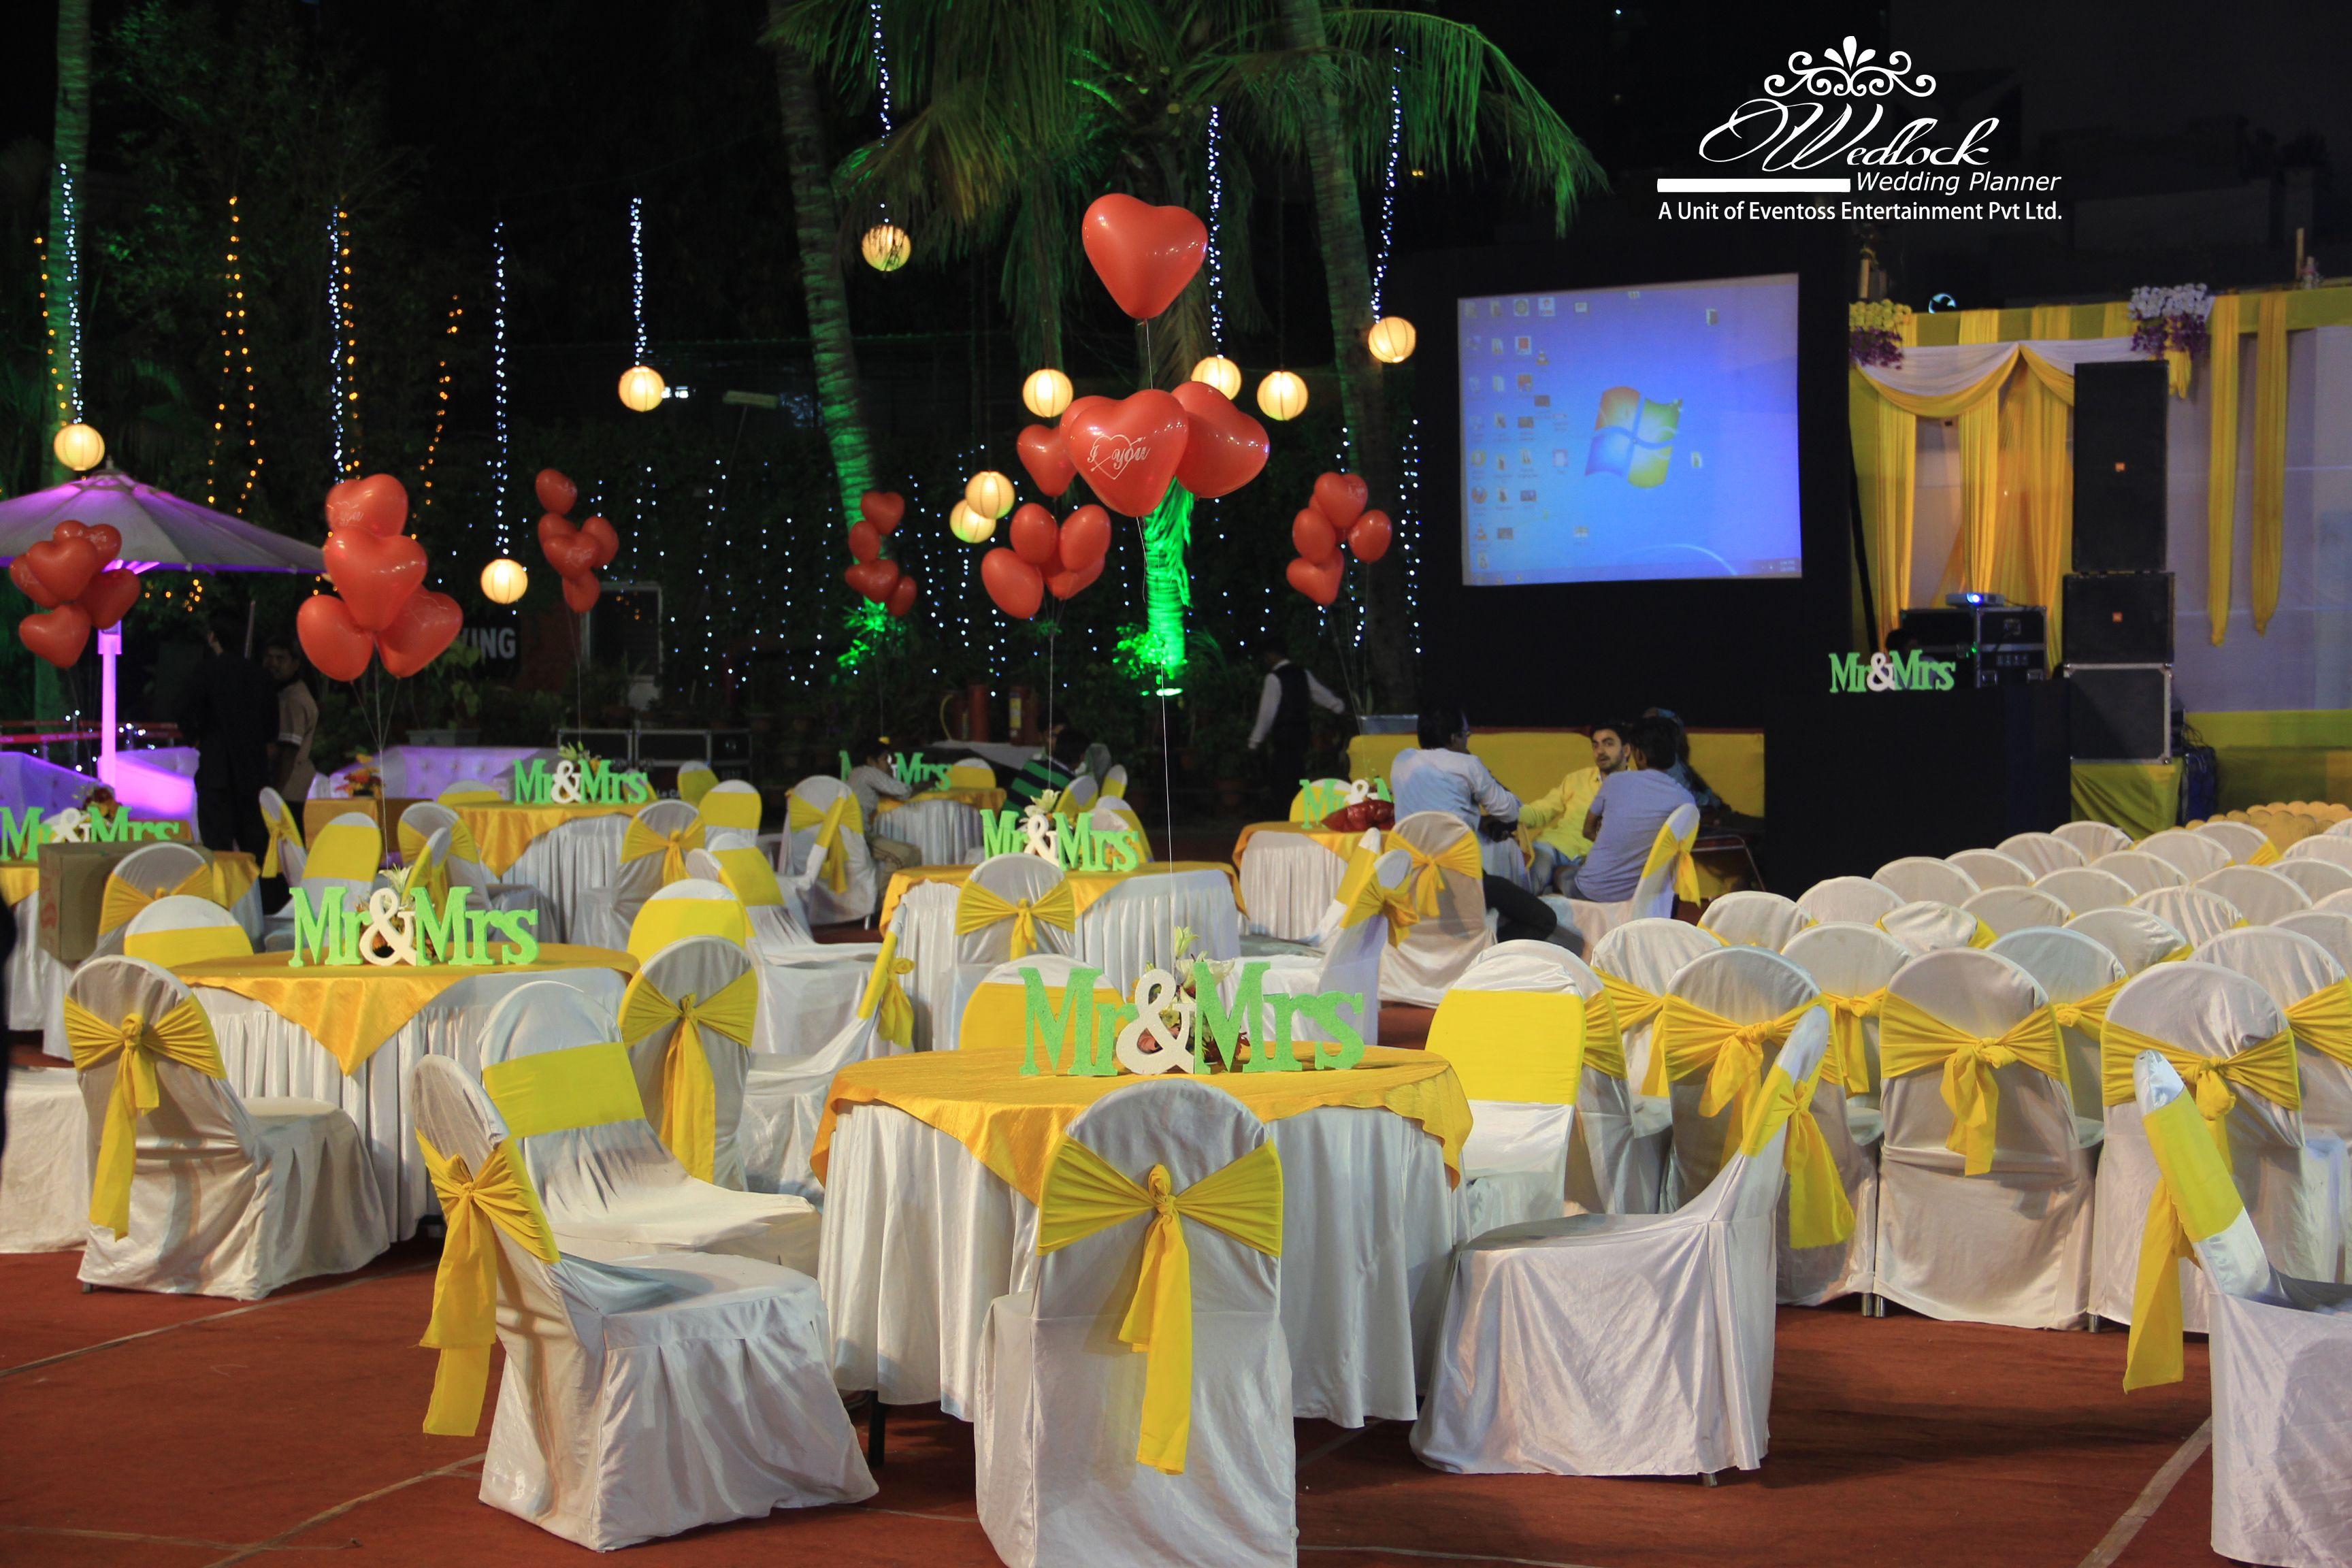 Wedding hall setup indian wedding setup decoration event wedding hall setup indian wedding setup decoration event weddingplanner junglespirit Image collections